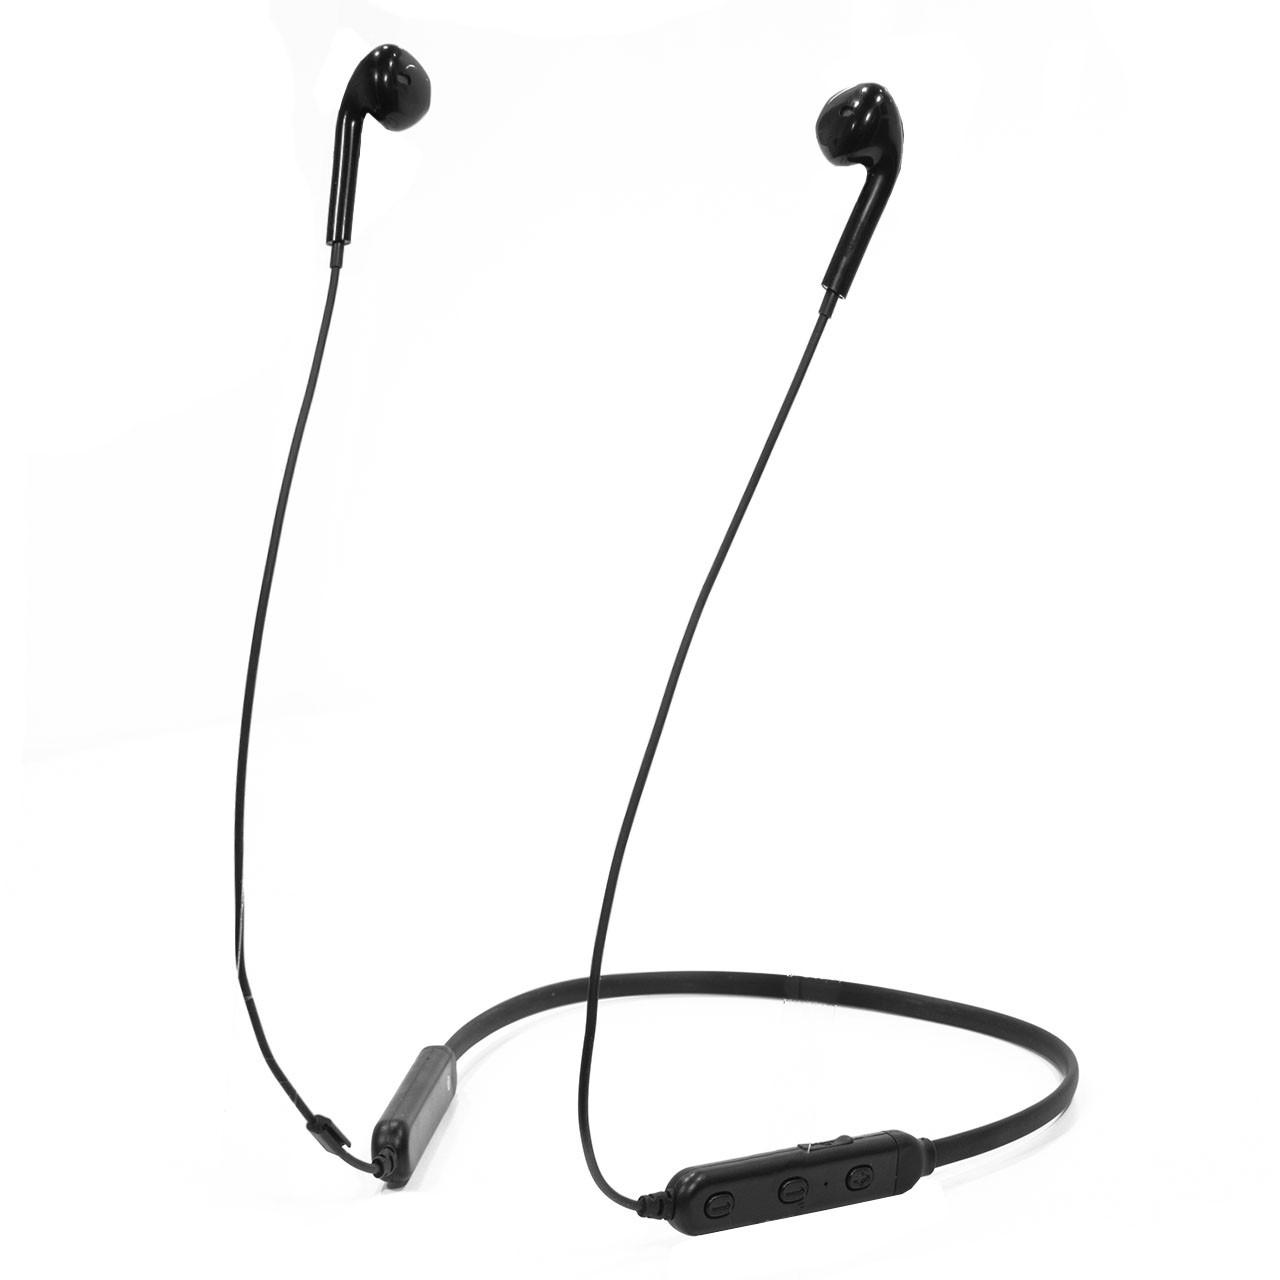 ϞBluetooth гарнитура Moloke S6 Black беспроводная Блютуз 5.0 музыкальная для смартфонов